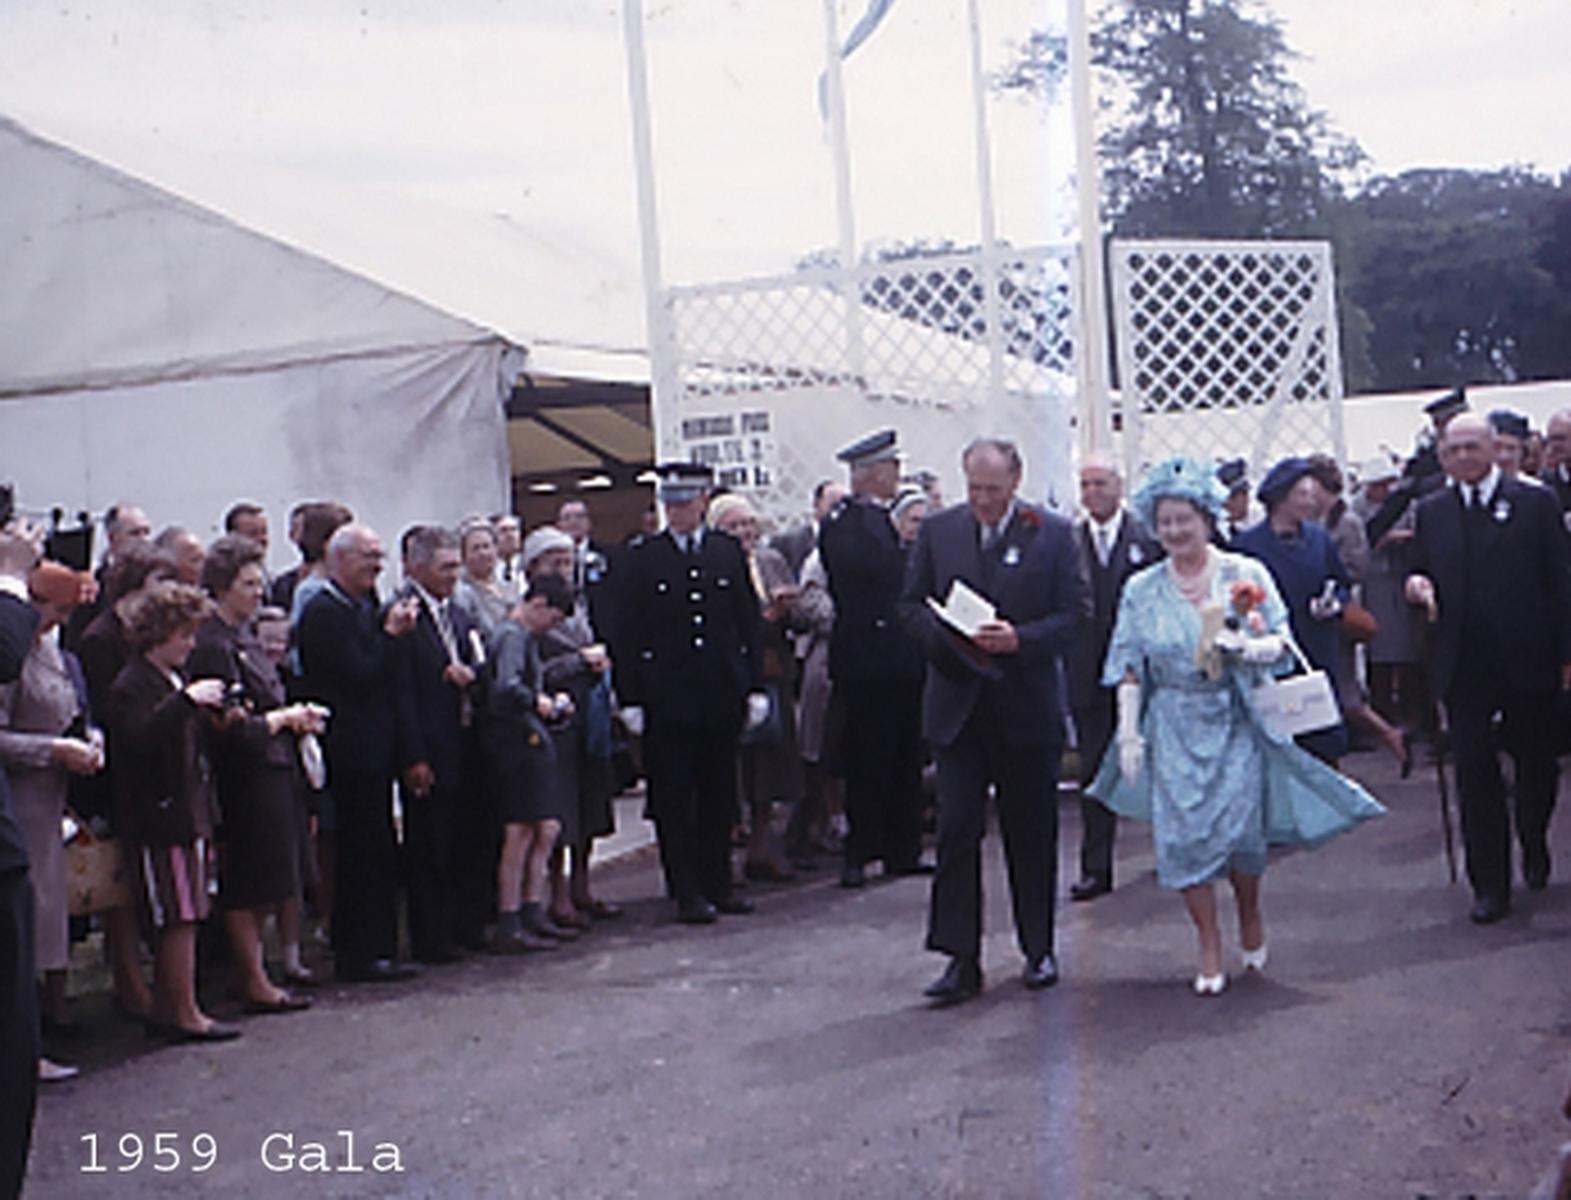 gala-1959-11